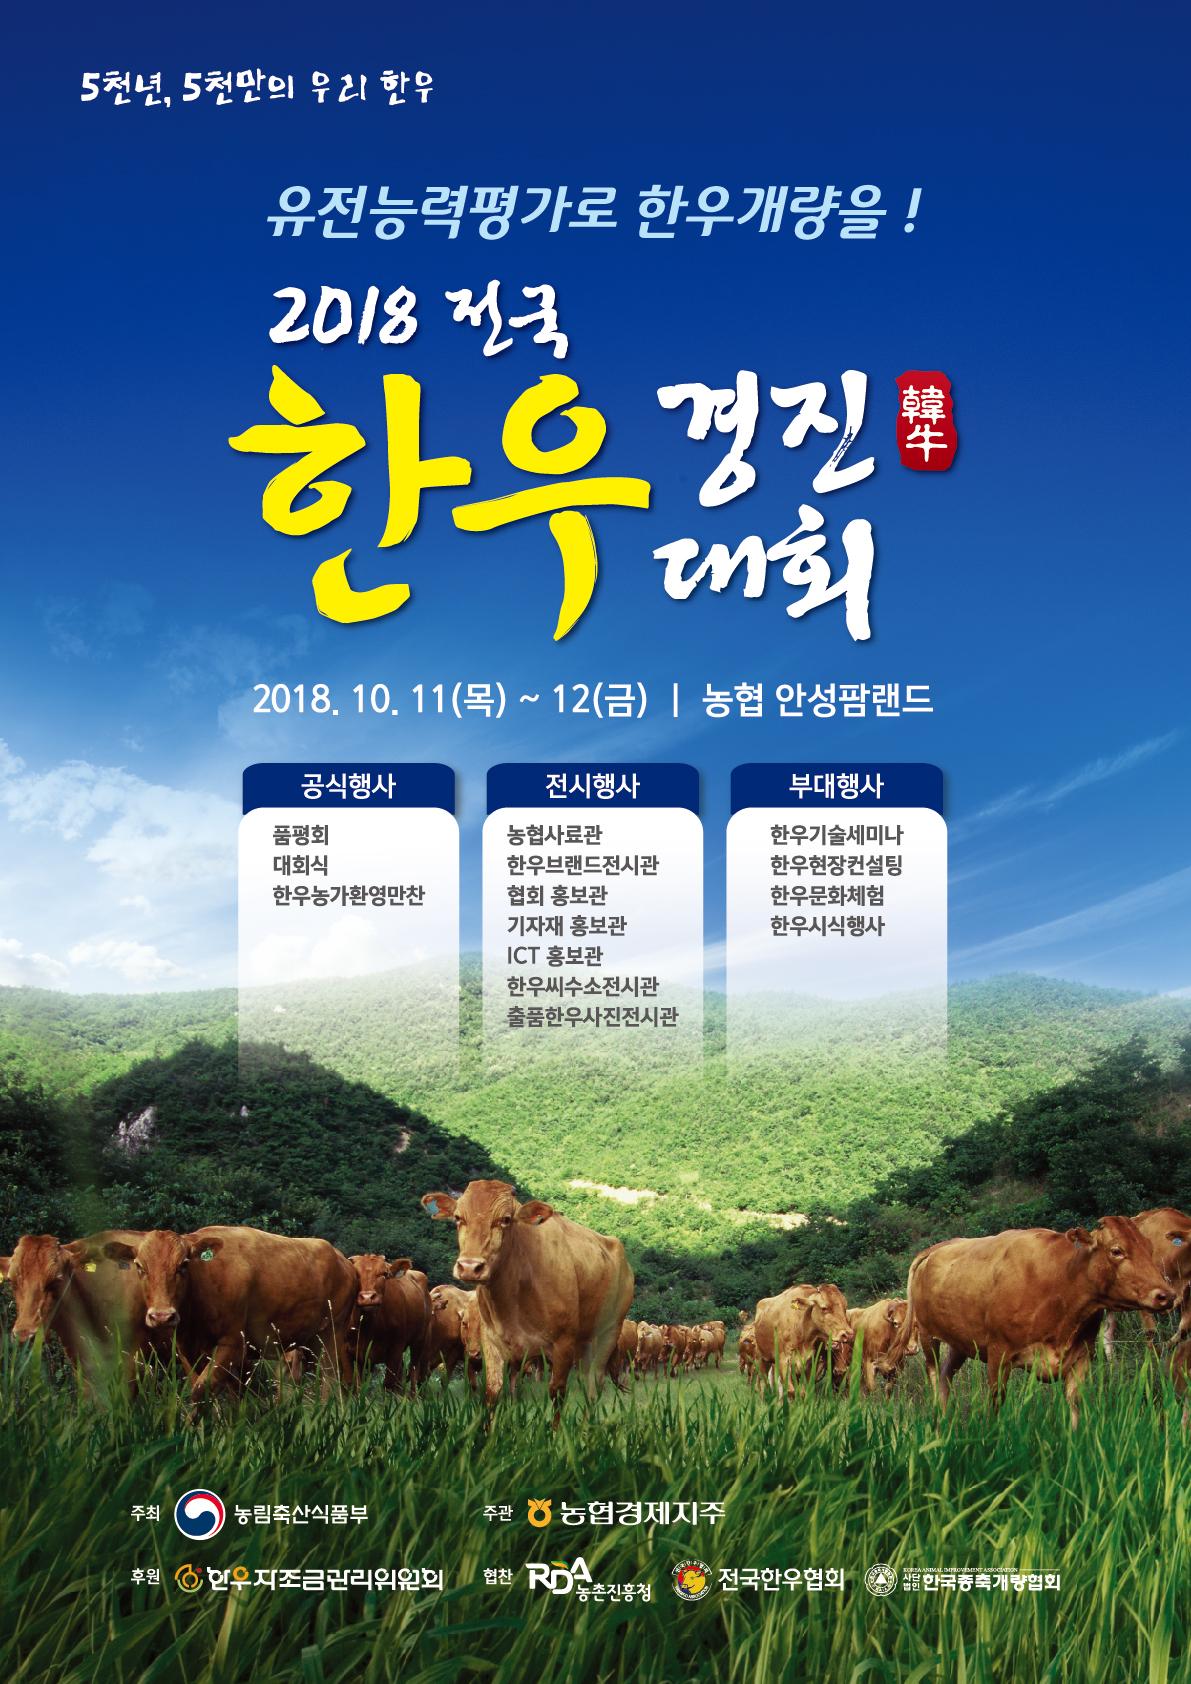 (붙임) 2018 전국한우경진대회 포스터 이미지.jpg